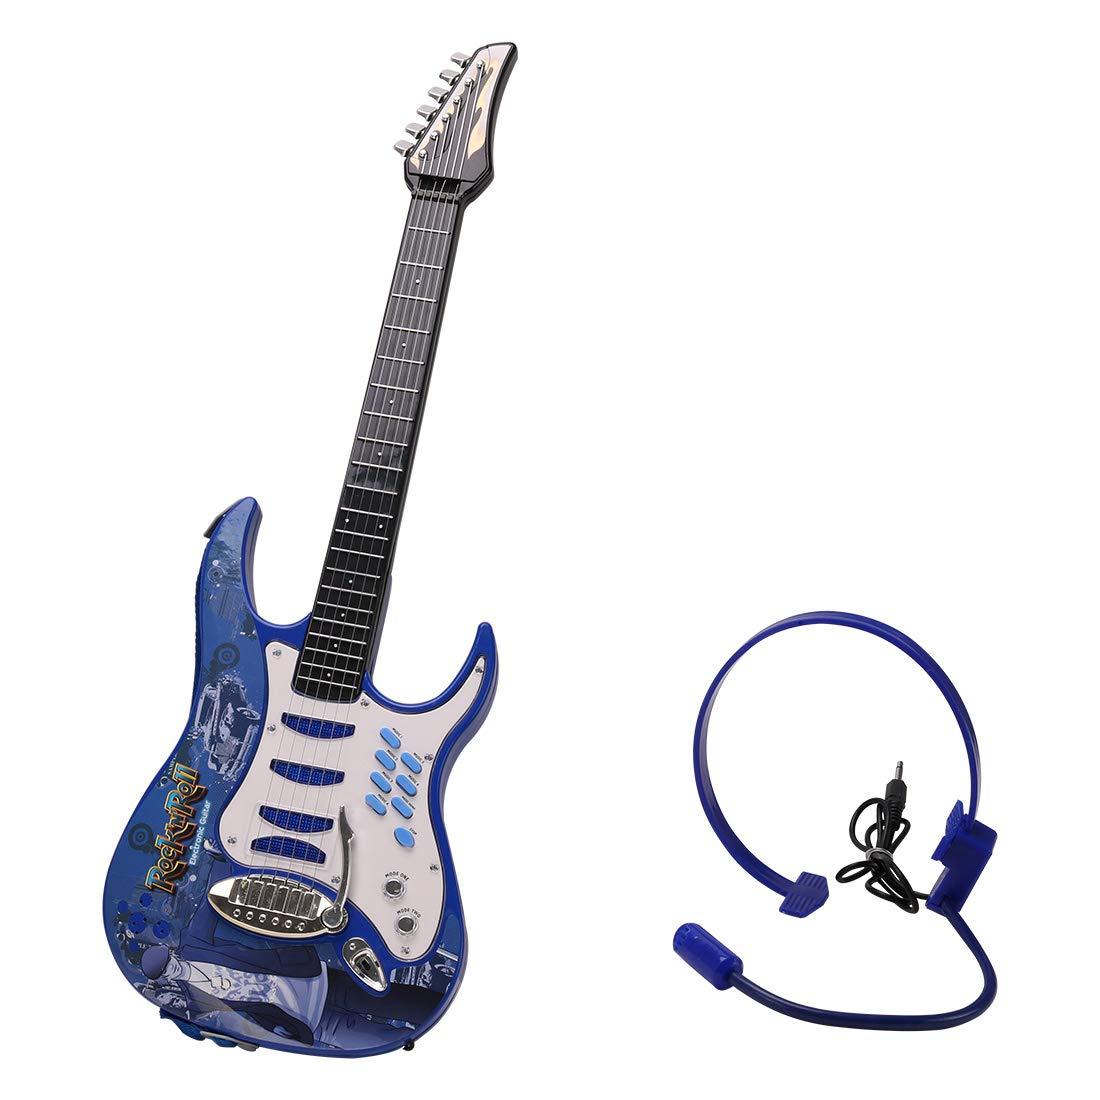 DXX Guitarra Electrica Niños 6 Cuerdas Rock Juguete de Instrumentos para Principiante para Niños Niñas Fiesta con Auriculares y Correa de Guitarra-Azul: Amazon.es: Juguetes y juegos